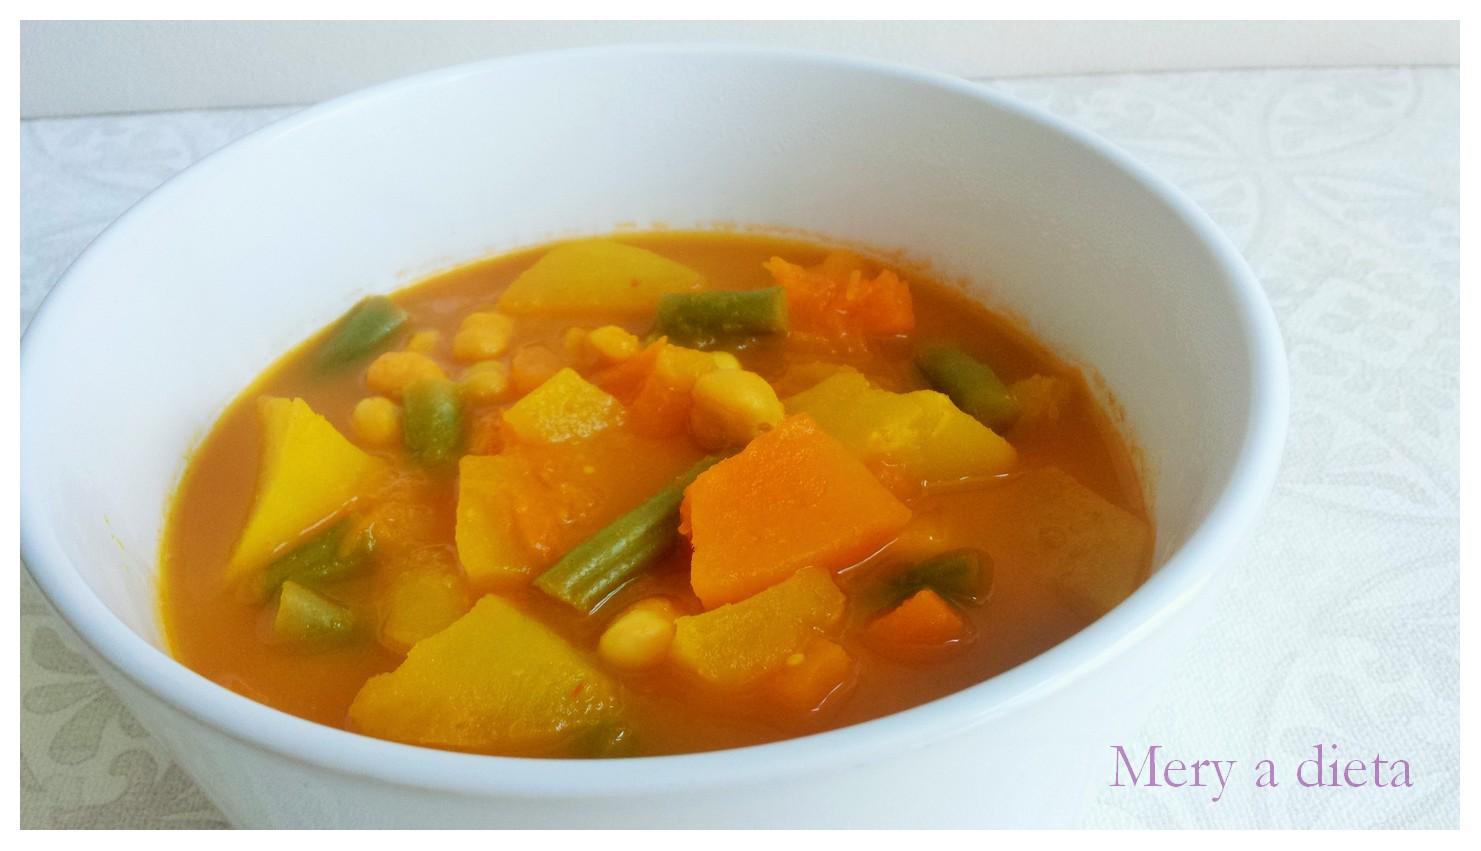 Mery a dieta con sp potaje con patata calabaza judias - Potaje de garbanzos y judias ...